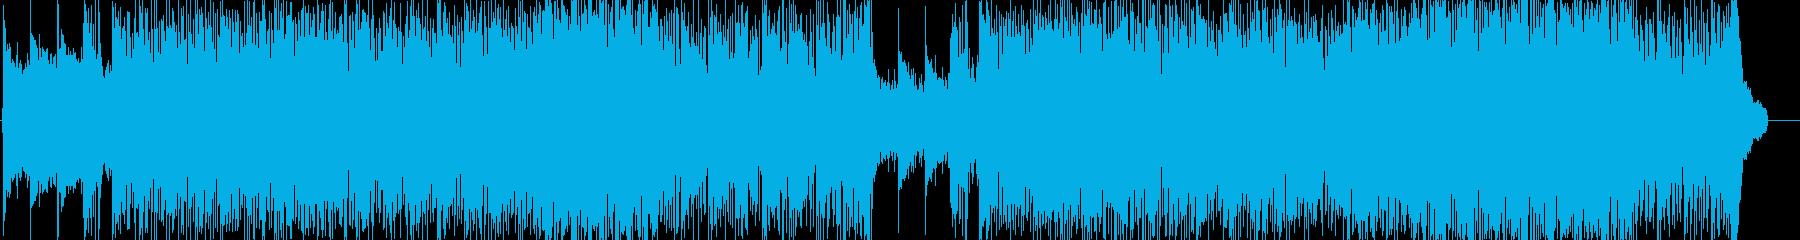 若々しい躍動感溢れるポップロックの再生済みの波形